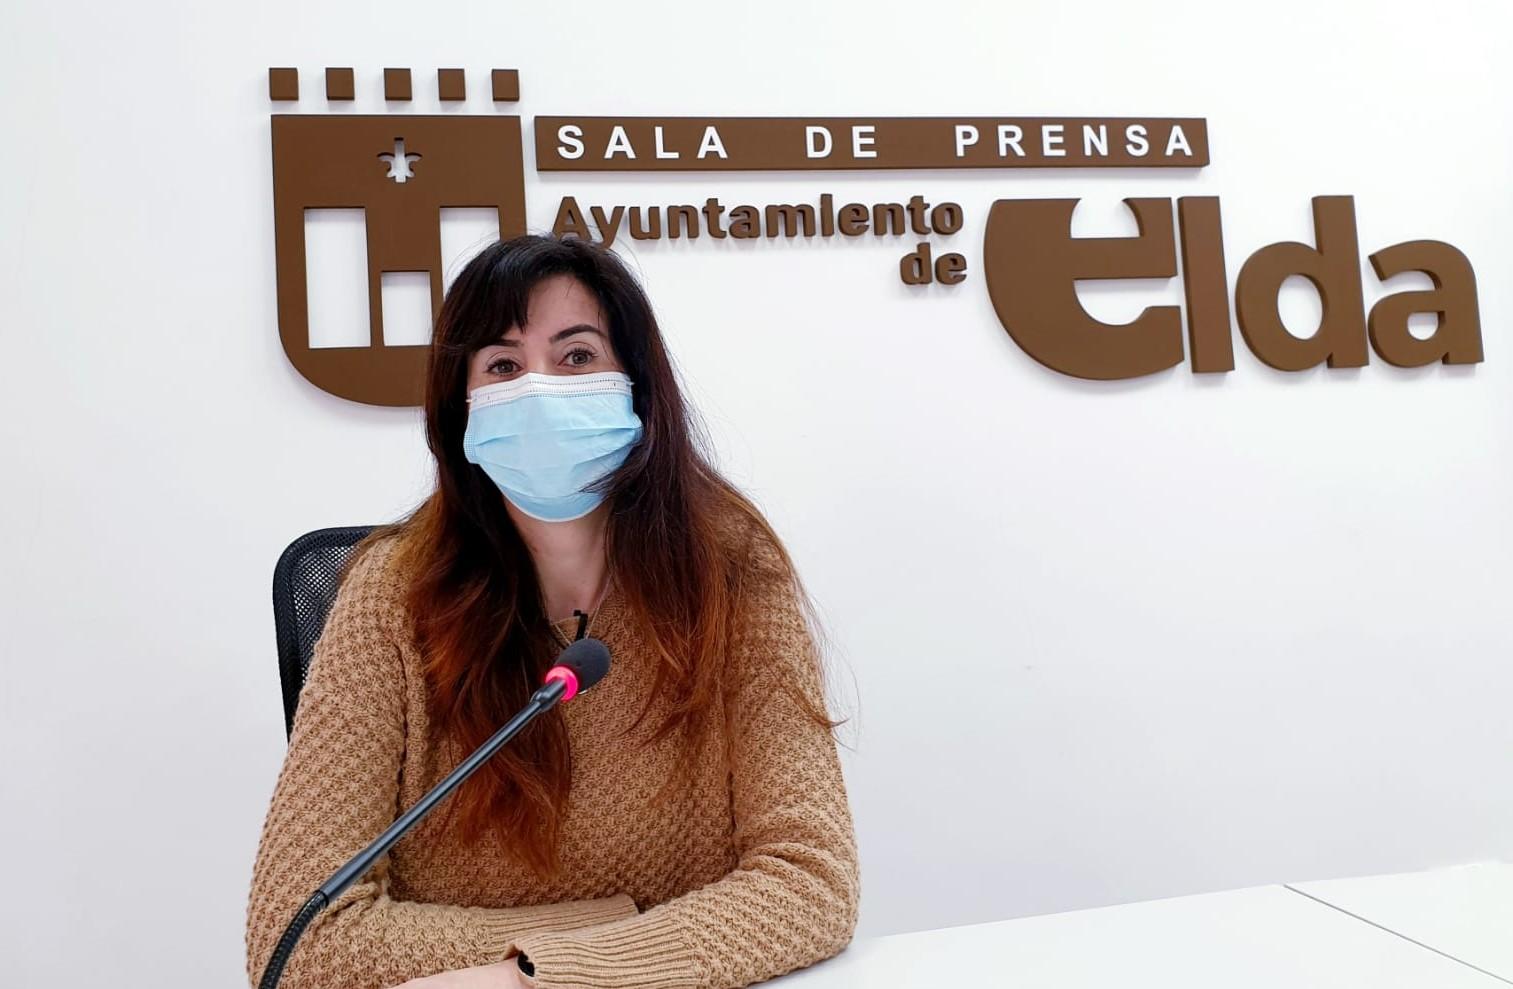 Elda ingresa una media de 400.000 euros al mes  de la Renta Valenciana de Inclusión para familias en riesgo de vulnerabilidad